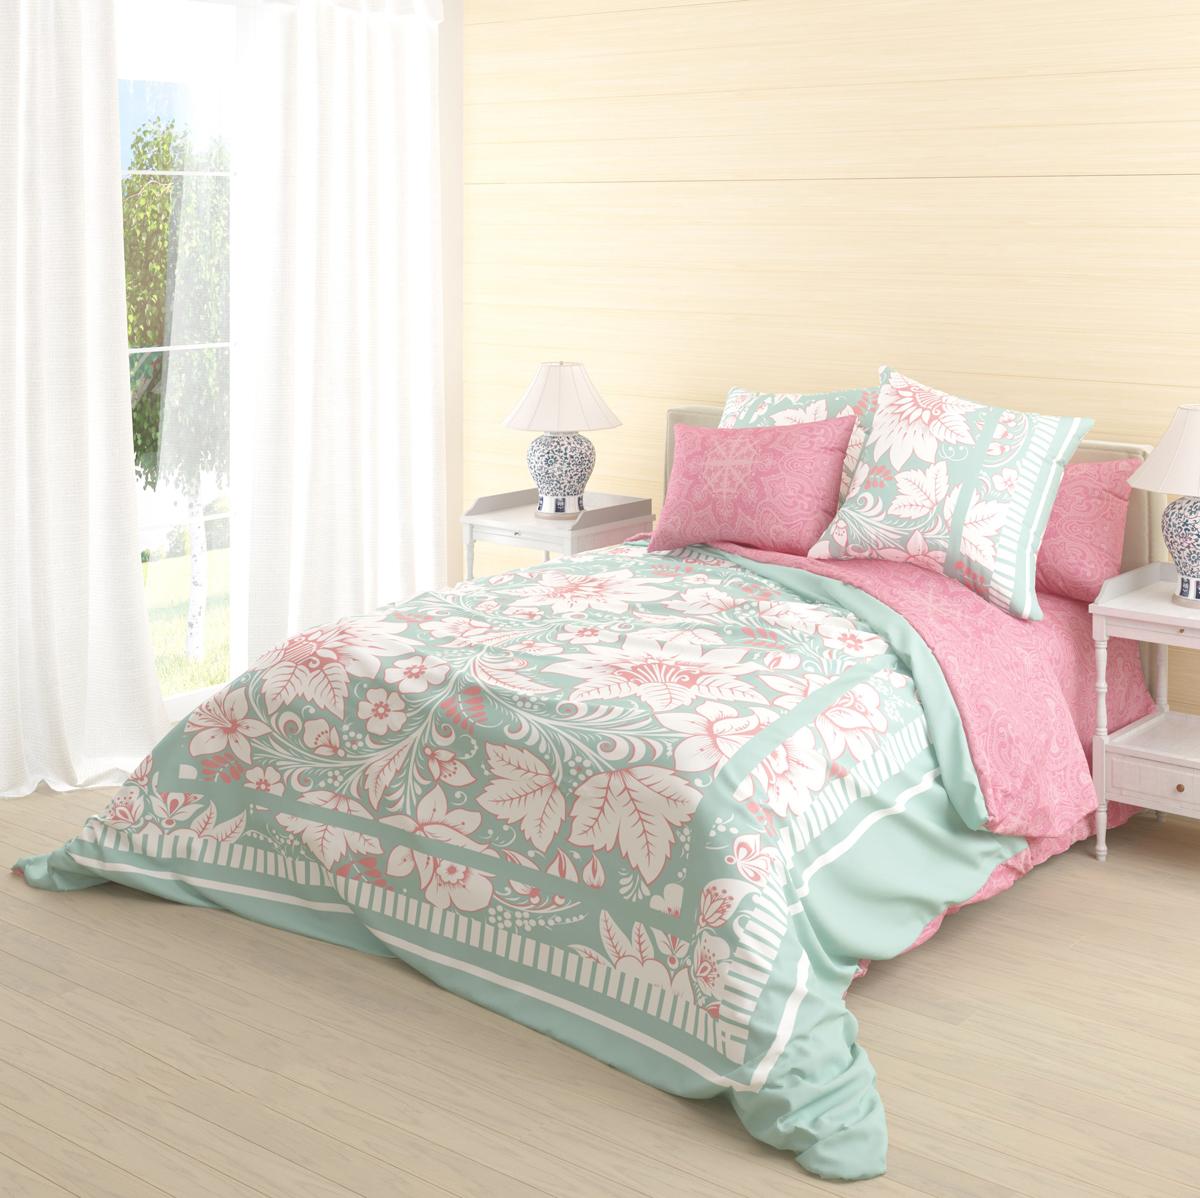 Комплект белья Волшебная ночь Biruza, 2-спальный, наволочки 70х70 см718651Роскошный комплект постельного белья Волшебная ночь  Biruza выполнен из натурального ранфорса (100% хлопка) и оформлен оригинальным рисунком. Комплект состоит из пододеяльника, простыни и двух наволочек.Ранфорс - это новая современная гипоаллергенная ткань из натуральных хлопковых волокон, которая прекрасно впитывает влагу, очень проста в уходе, а за счет высокой прочности способна выдерживать большое количество стирок. Высочайшее качество материала гарантирует безопасность.